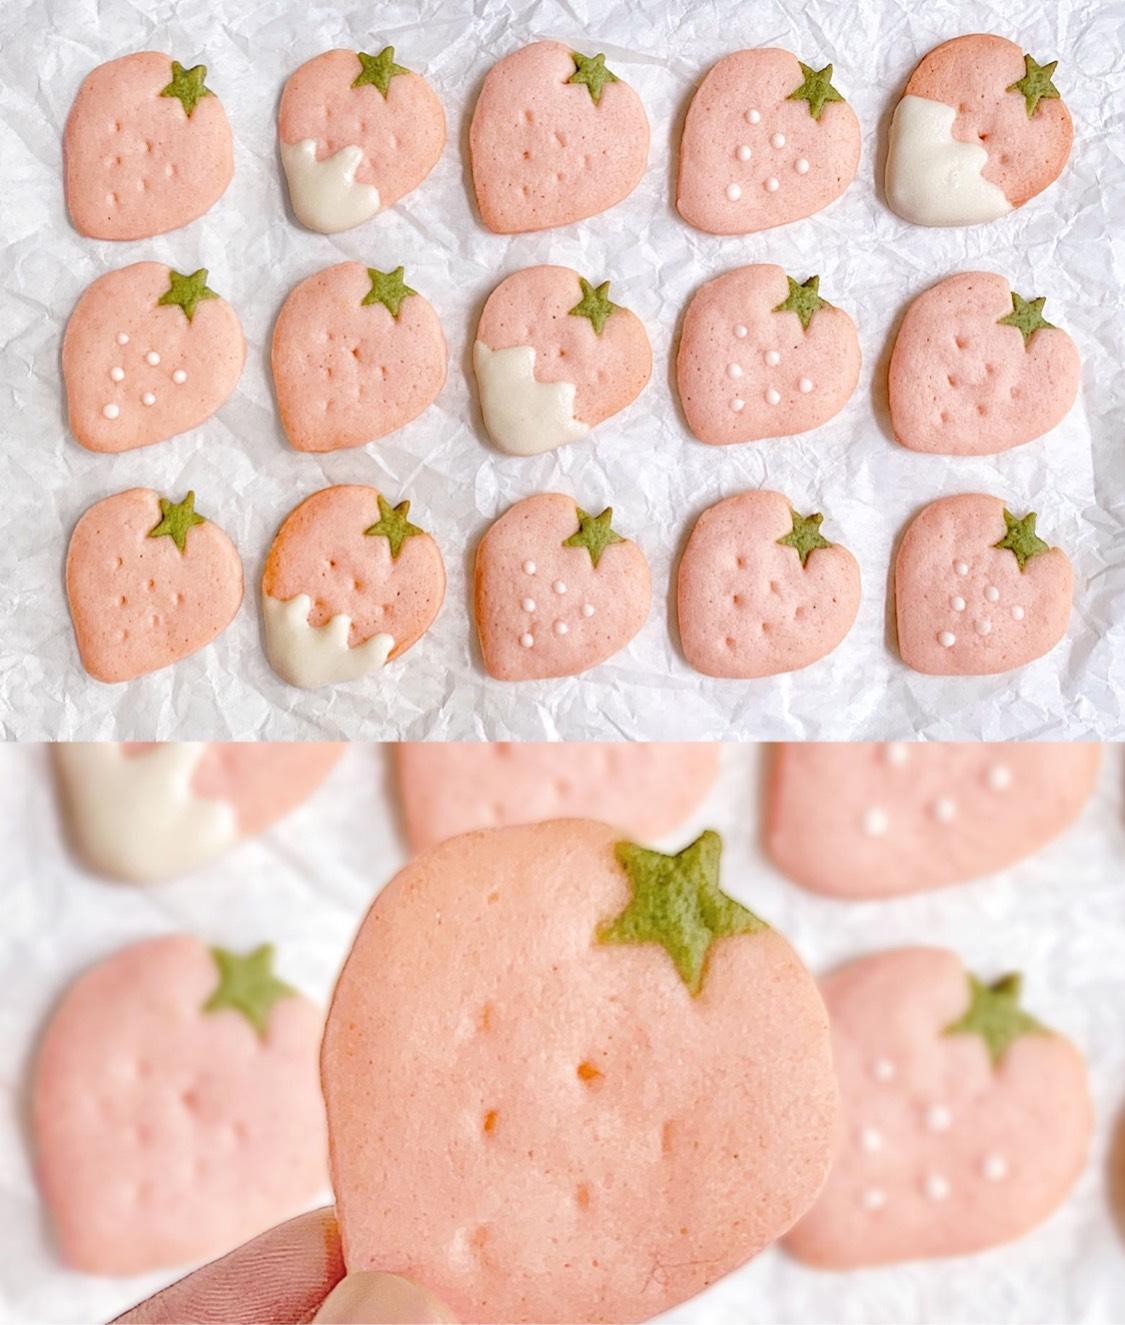 ㊙️吃可爱长大的🍓草莓曲奇饼干‼️少女